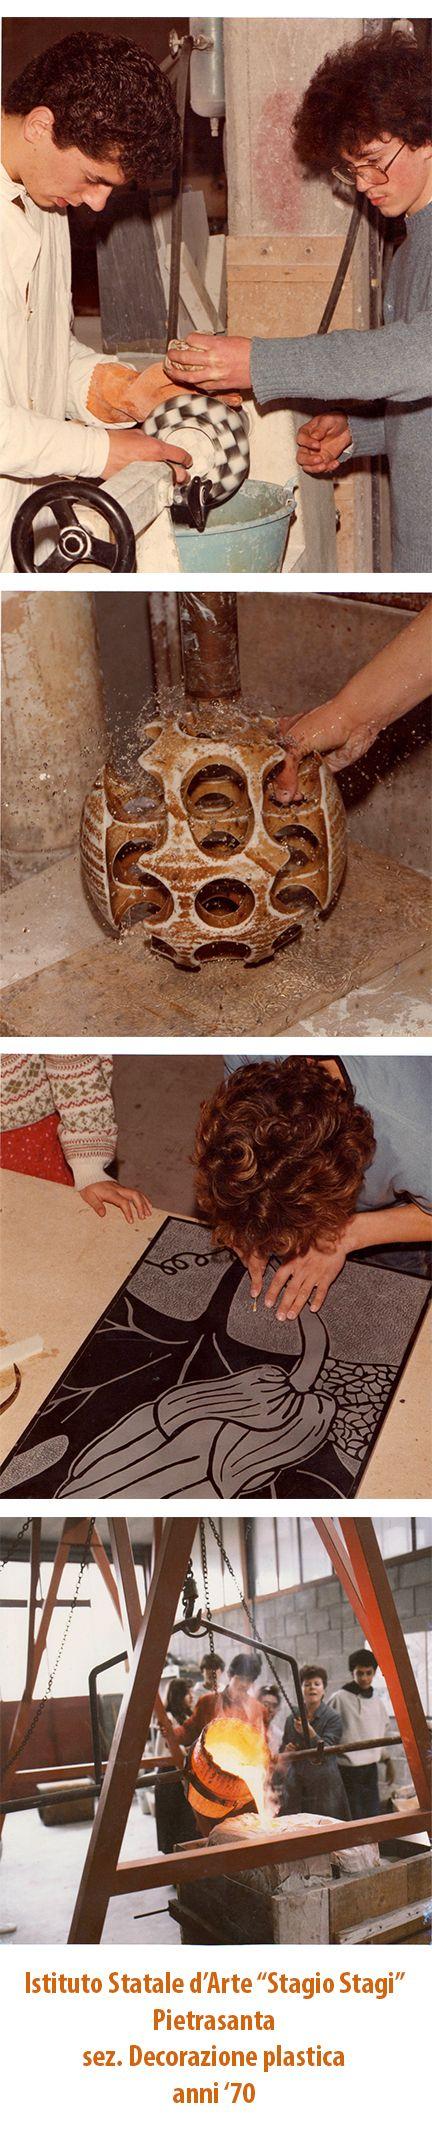 """Allievi nei laboratori della sez. Decorazione plastica, anni '70. Istituto Statale d'Arte """"Stagio Stagi"""" Pietrasanta (Lu)."""